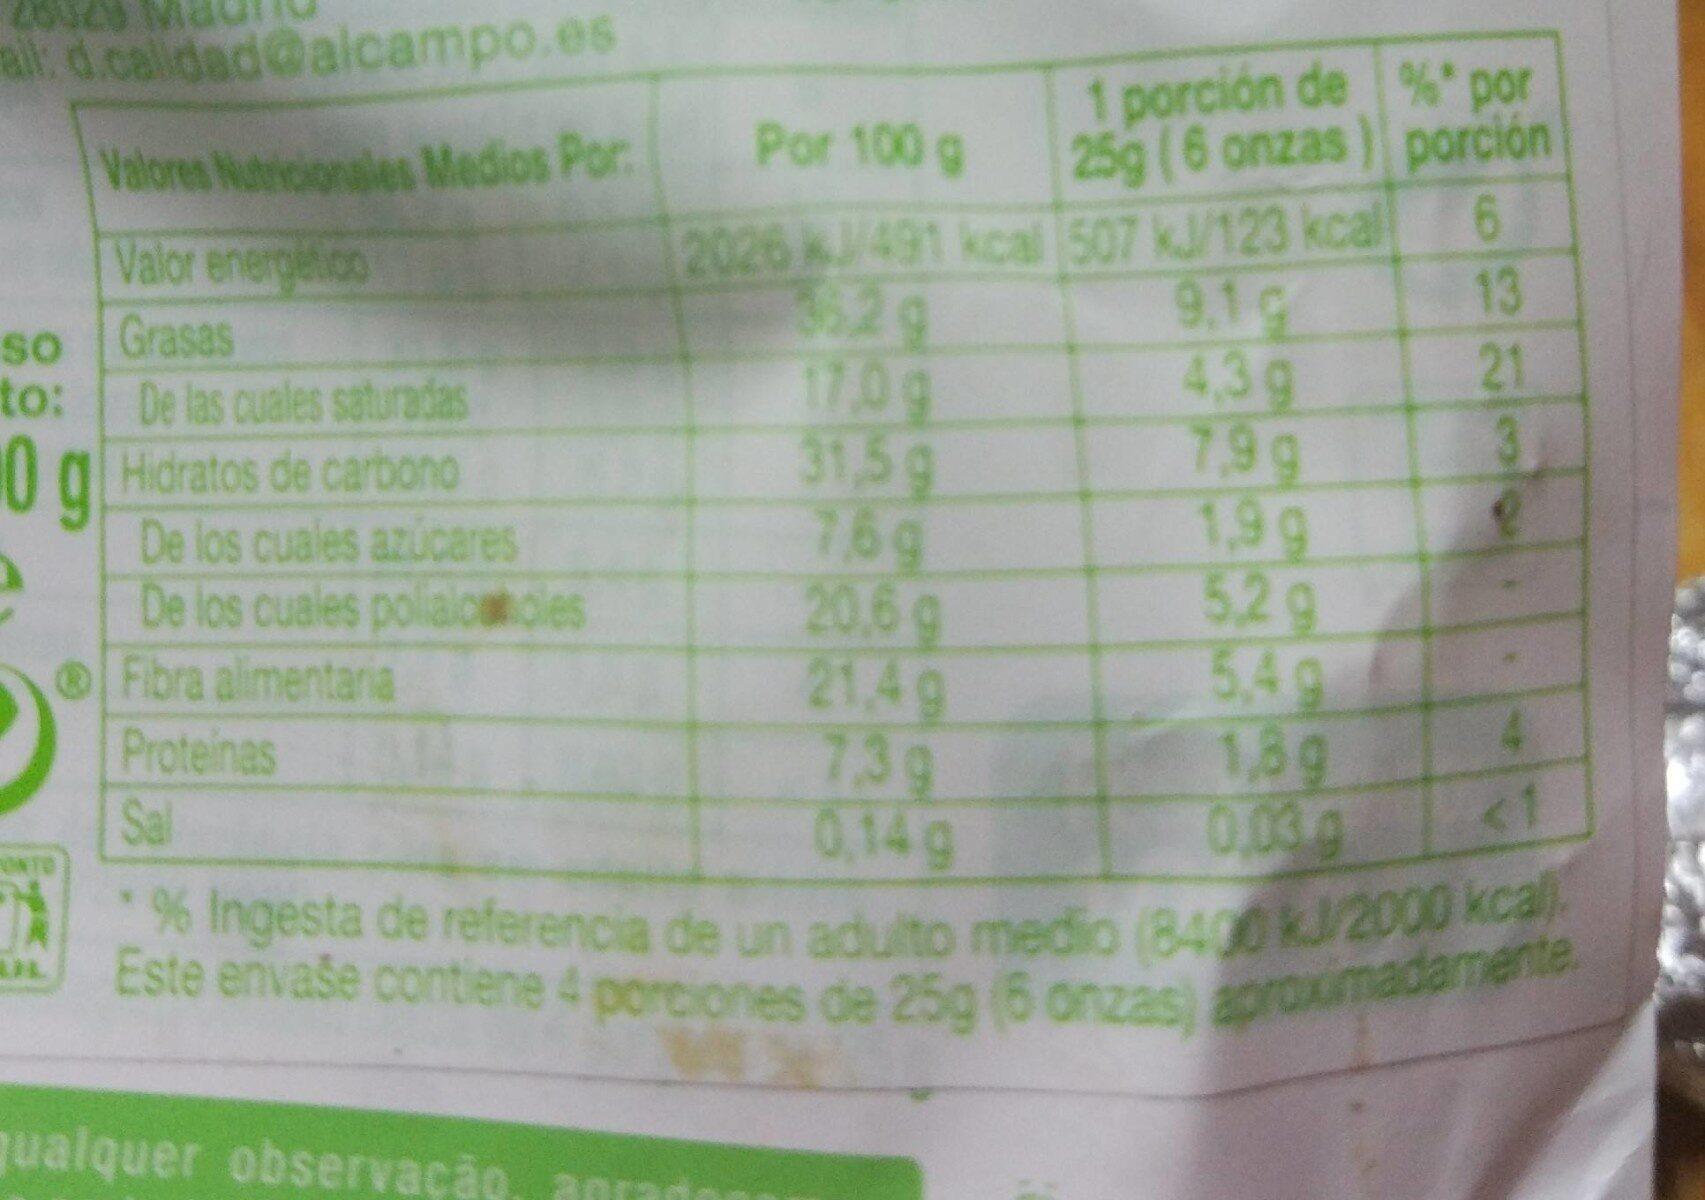 Chocolate de leite con avelãs - Informations nutritionnelles